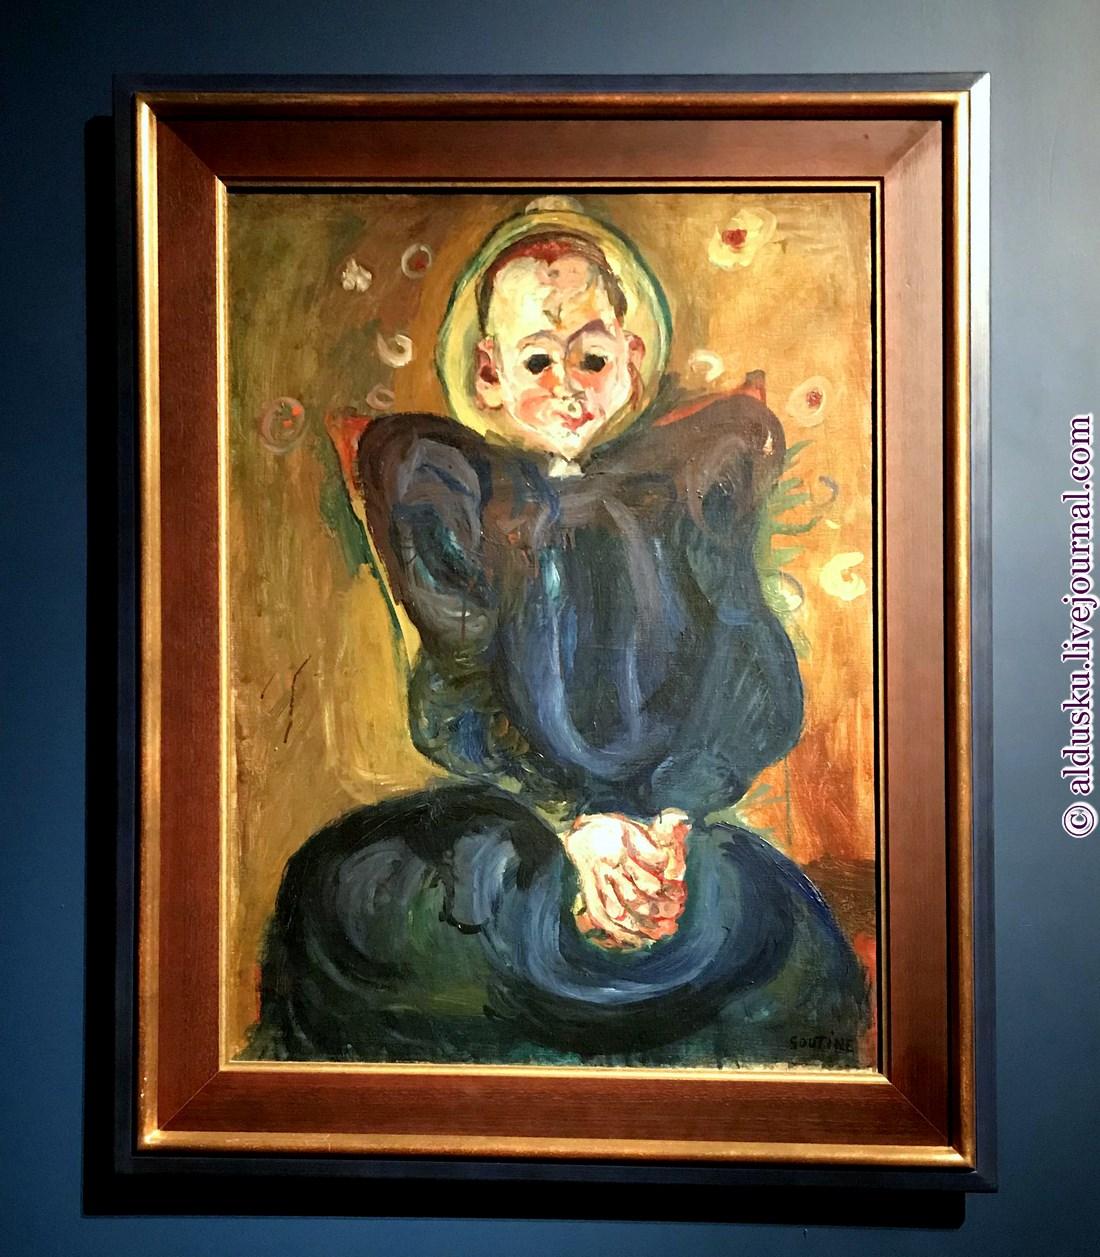 5. Женщина в синем платье. Около 1924. Музей современного искусства города Парижа